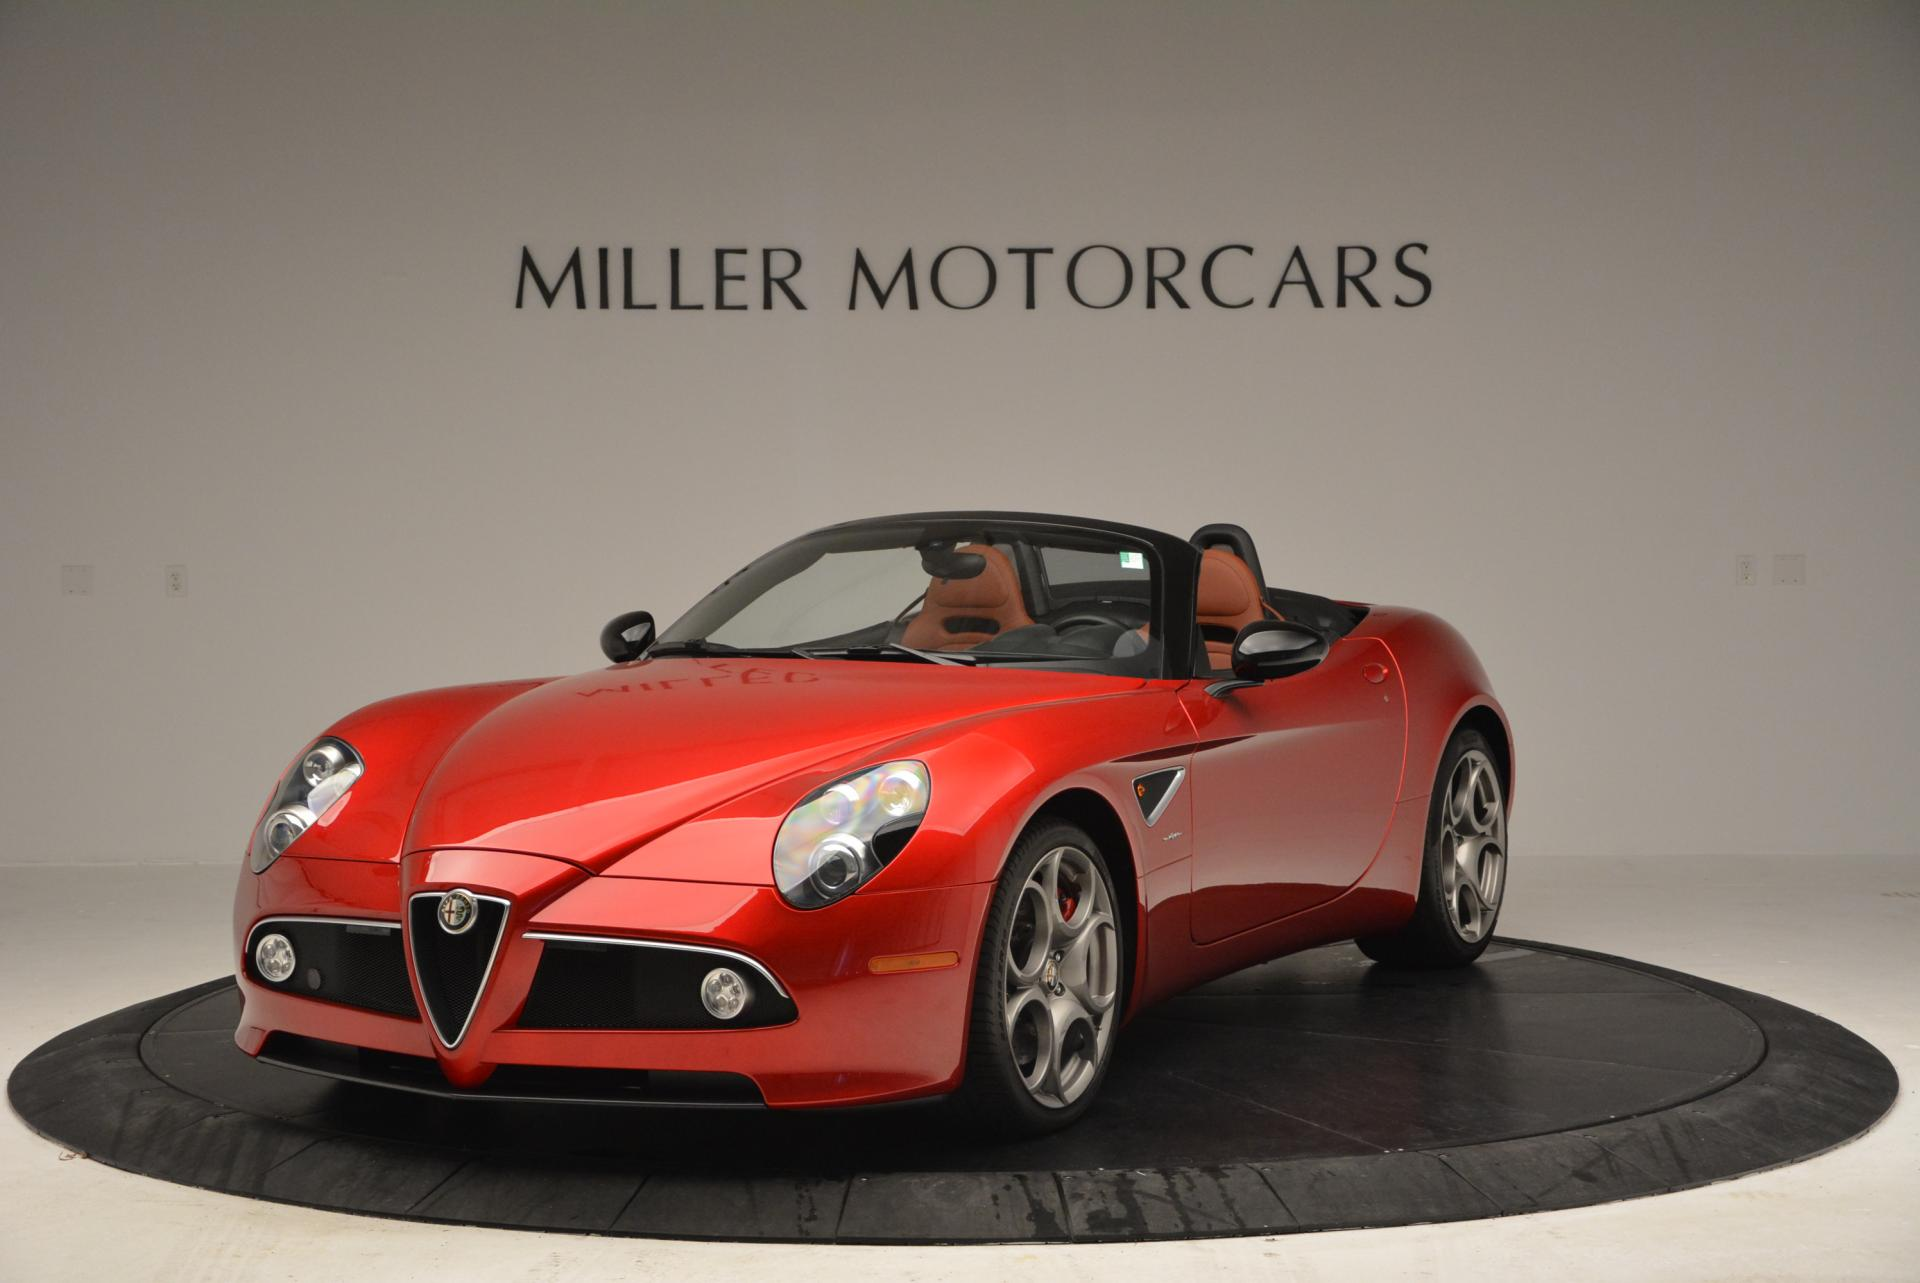 Used 2009 Alfa Romeo 8C Competizione Spider for sale $353,900 at Pagani of Greenwich in Greenwich CT 06830 1